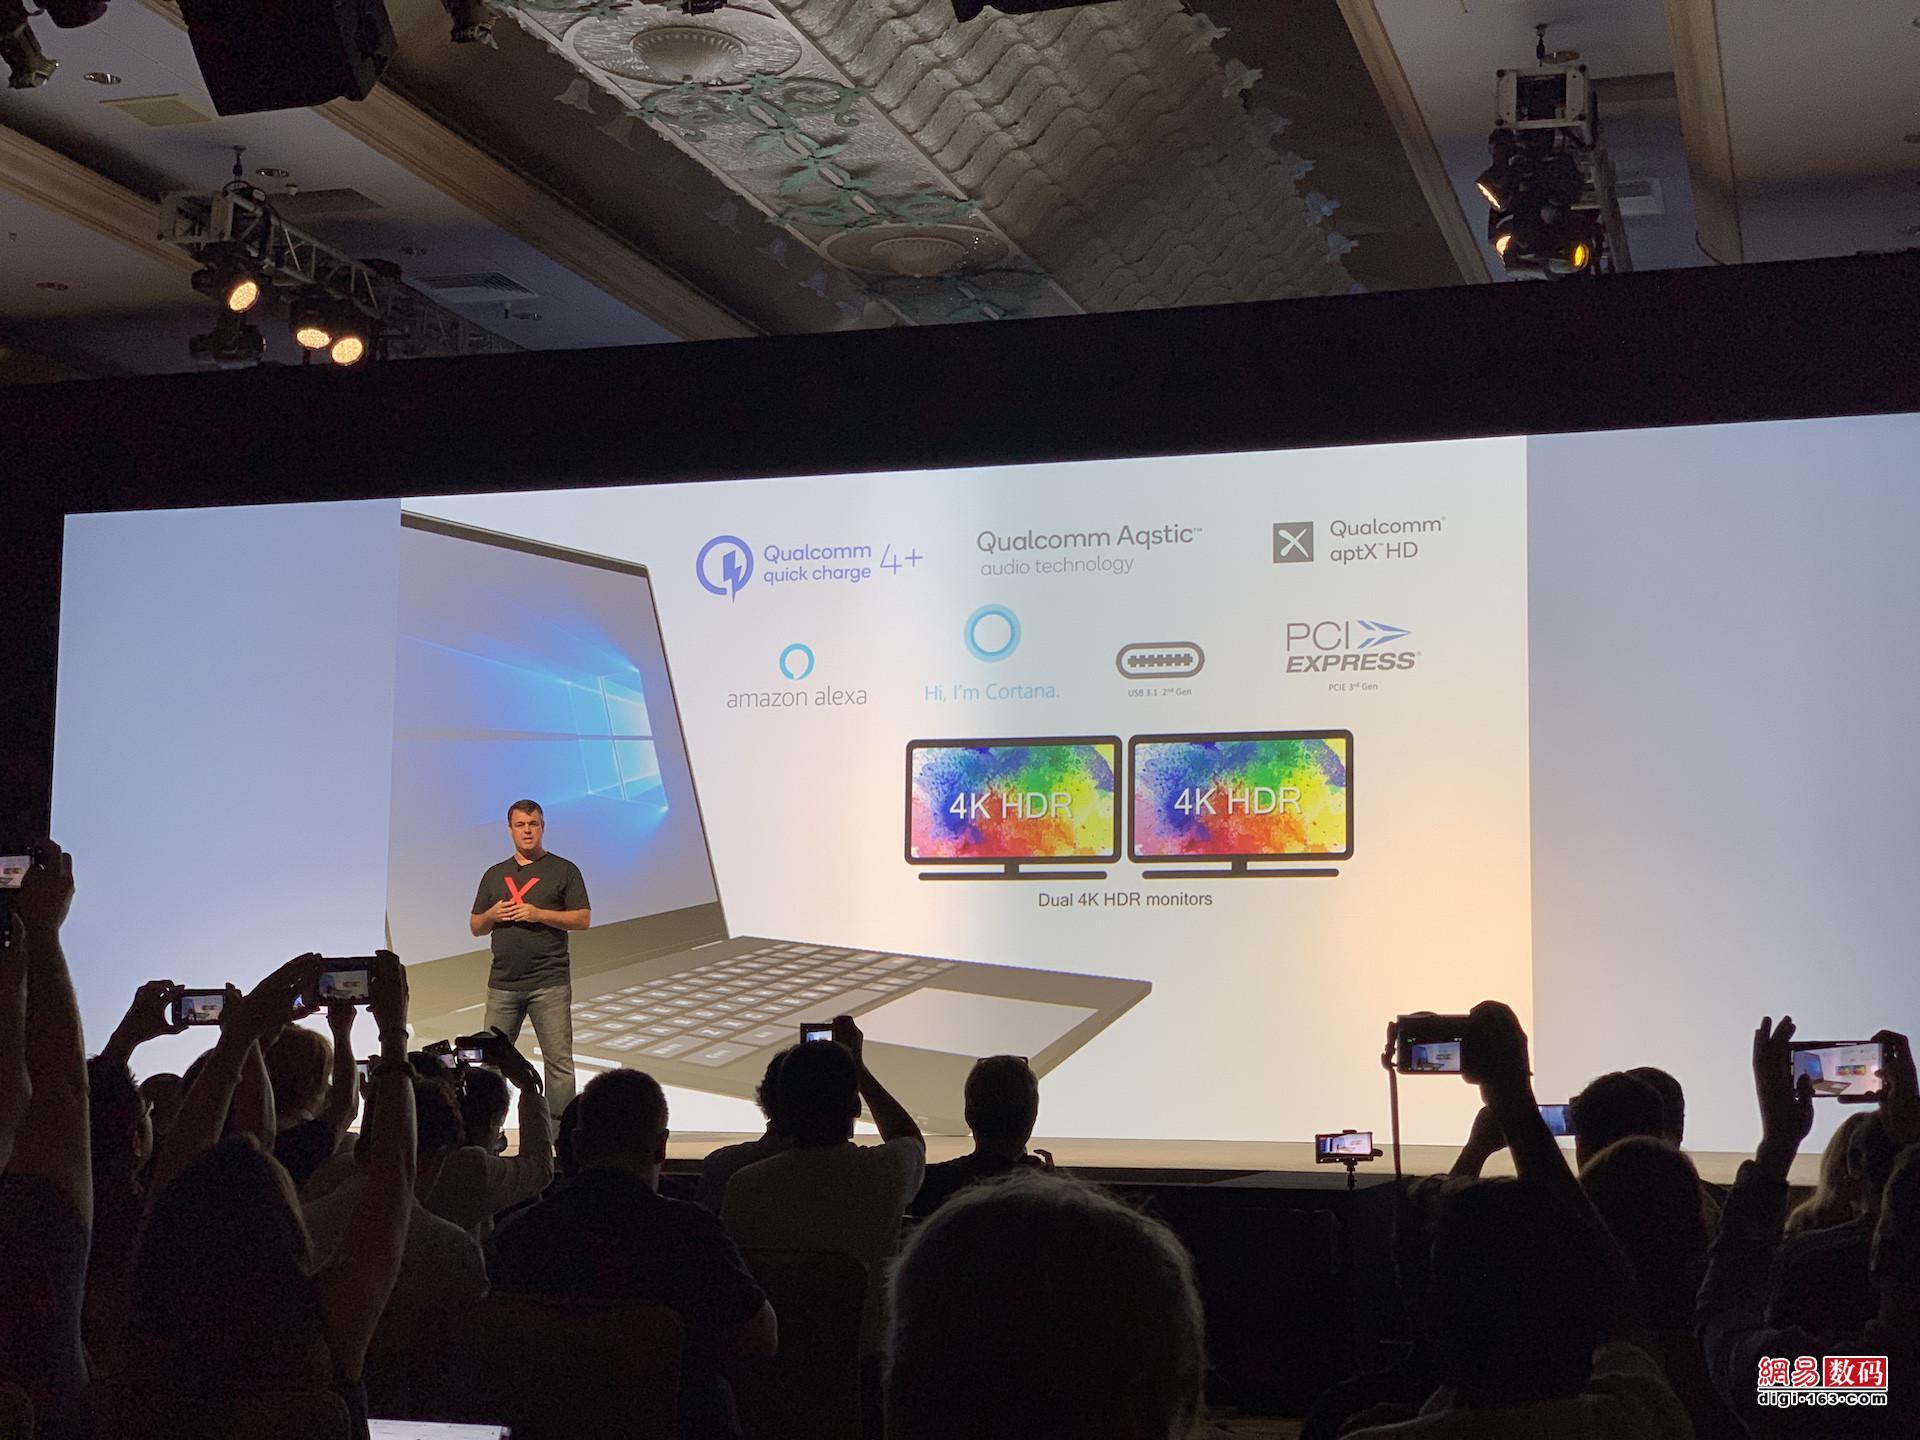 高通骁龙8cx发布:首款7nm PC平台 性能媲美15W酷睿